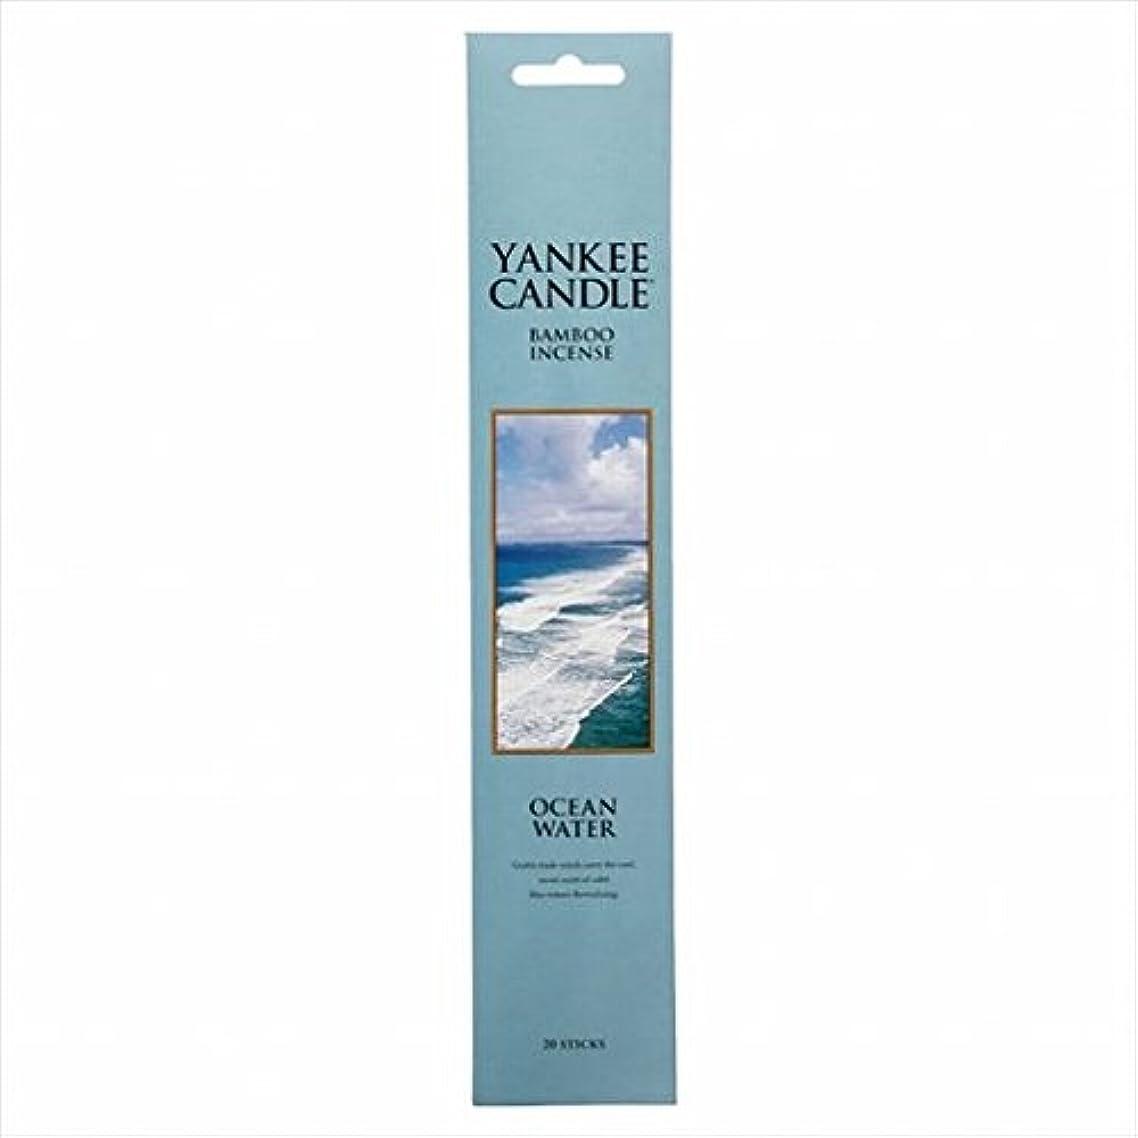 み以来ブランド名カメヤマキャンドル( kameyama candle ) YANKEE CANDLE バンブーインセンス 「 オーシャンウォーター 」